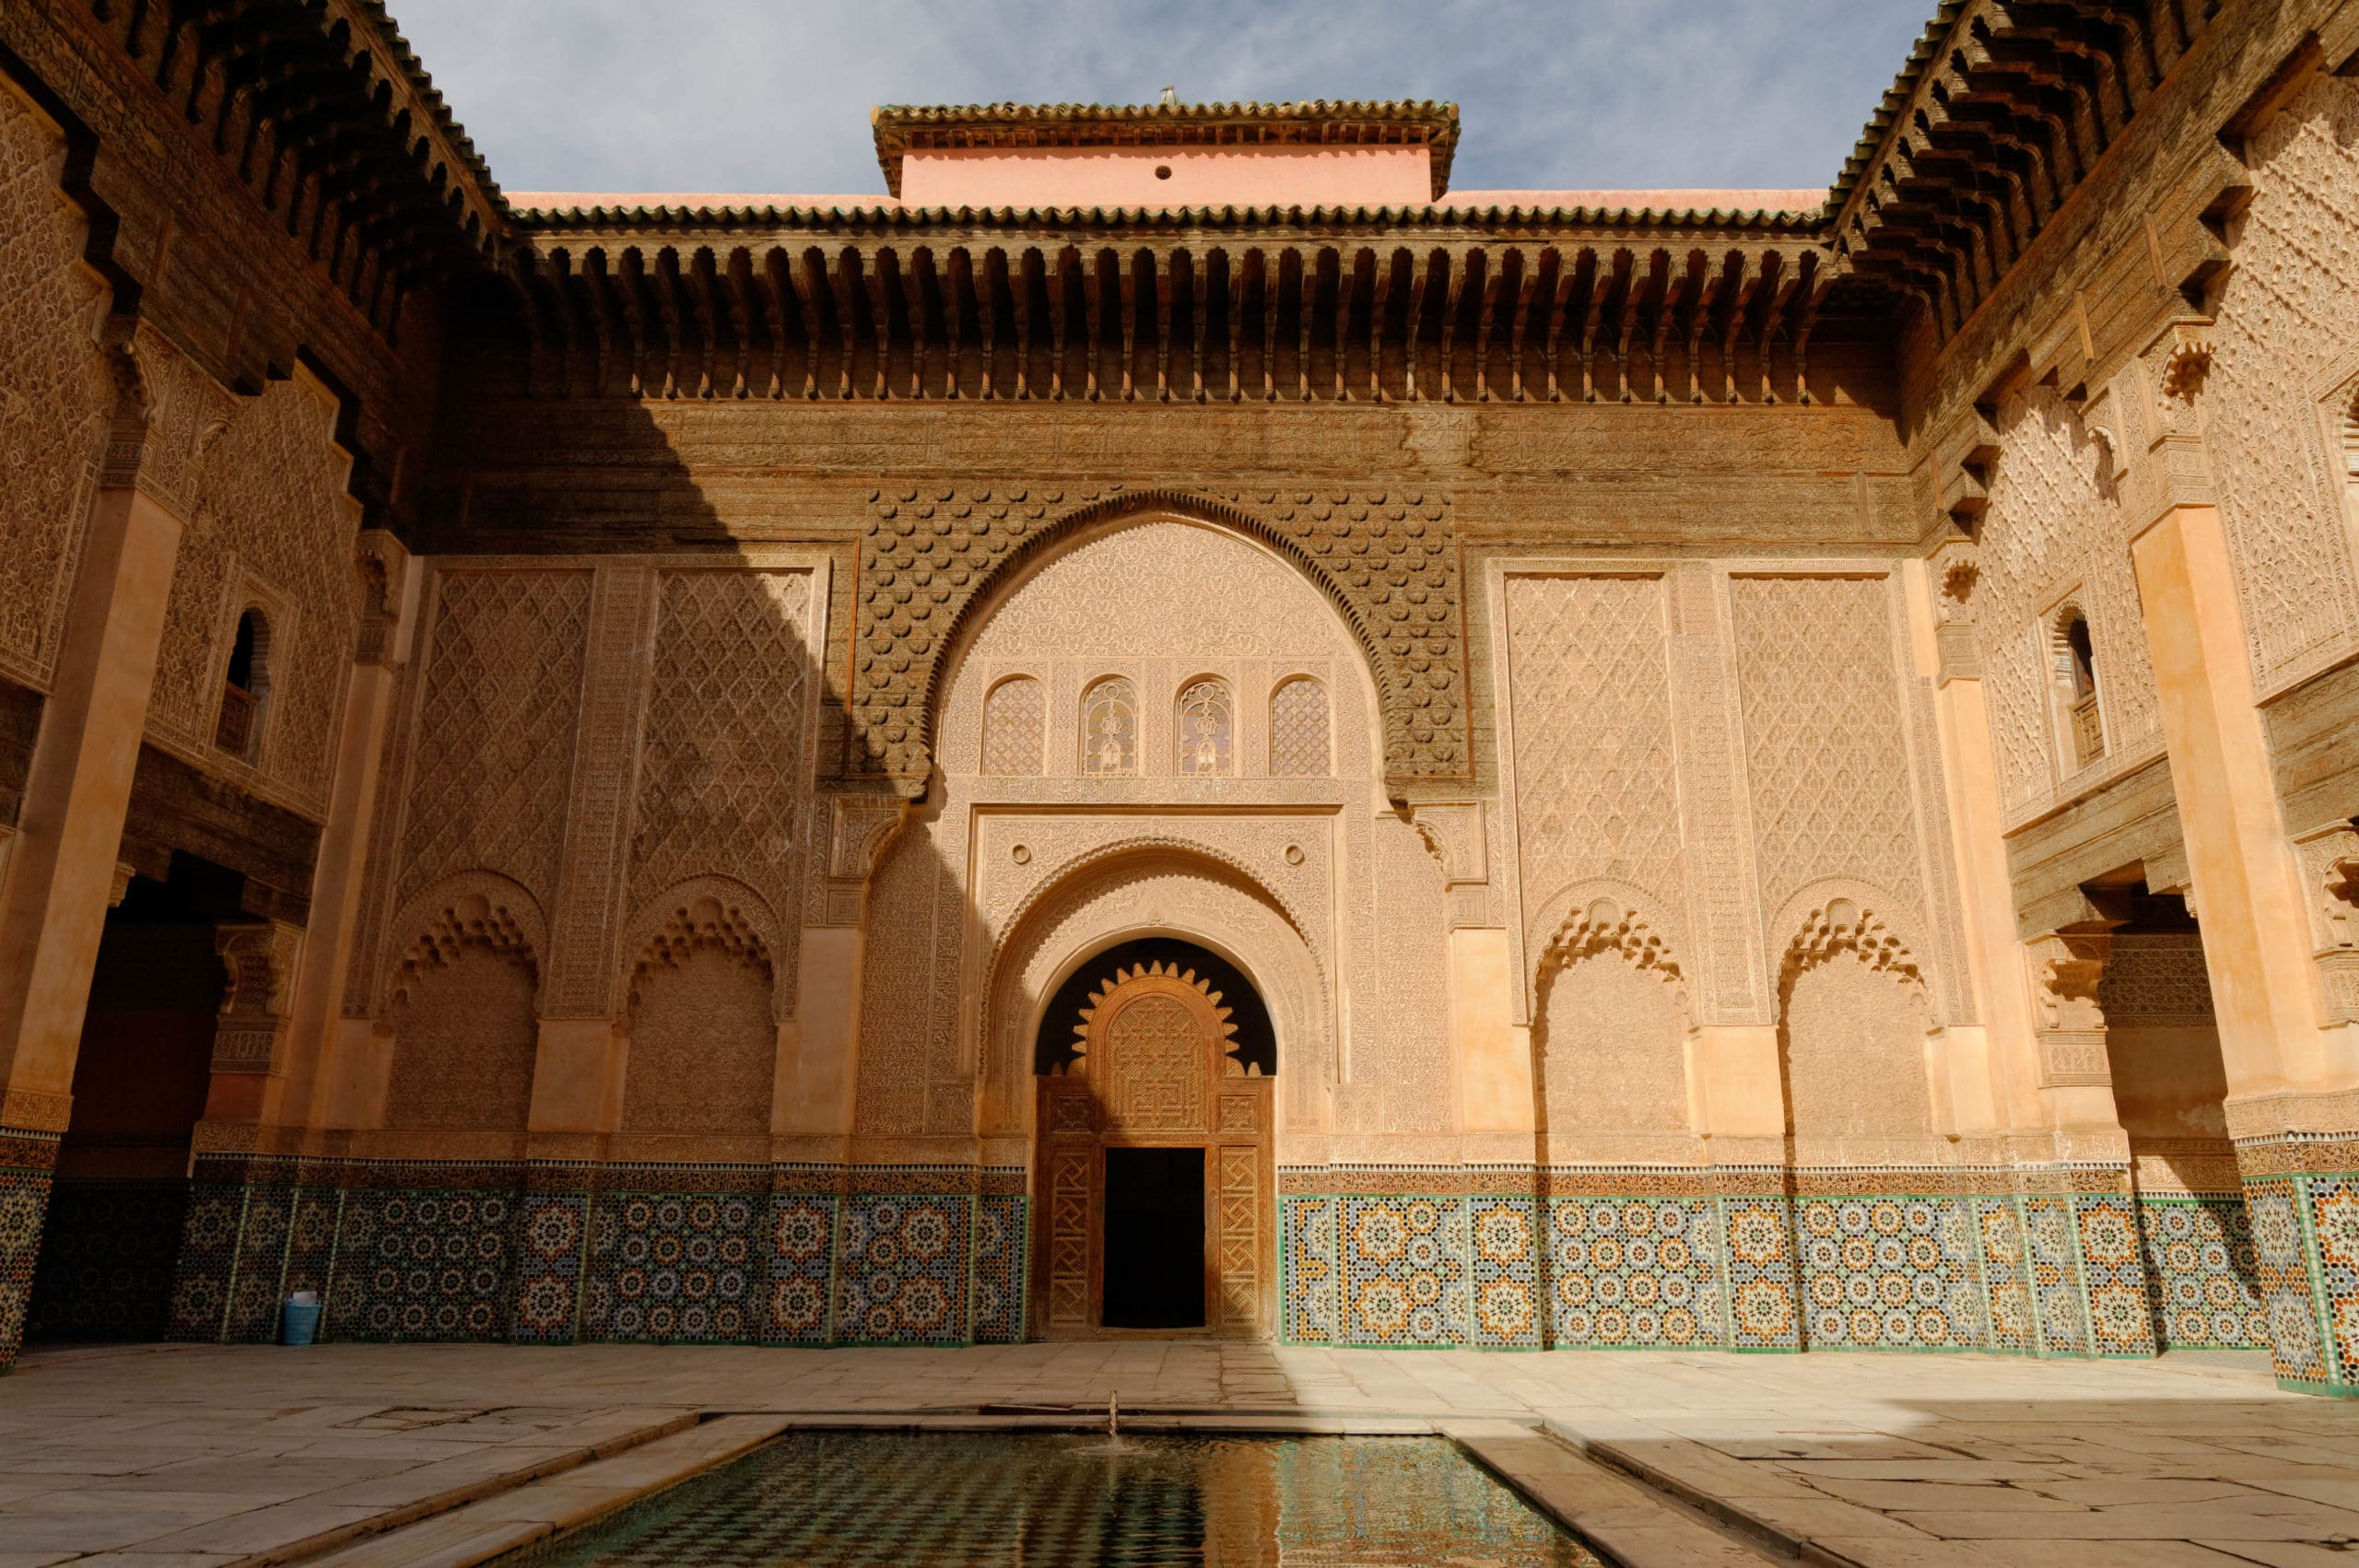 Le Musée de Marrakech et la Merdersa Ben Youssef